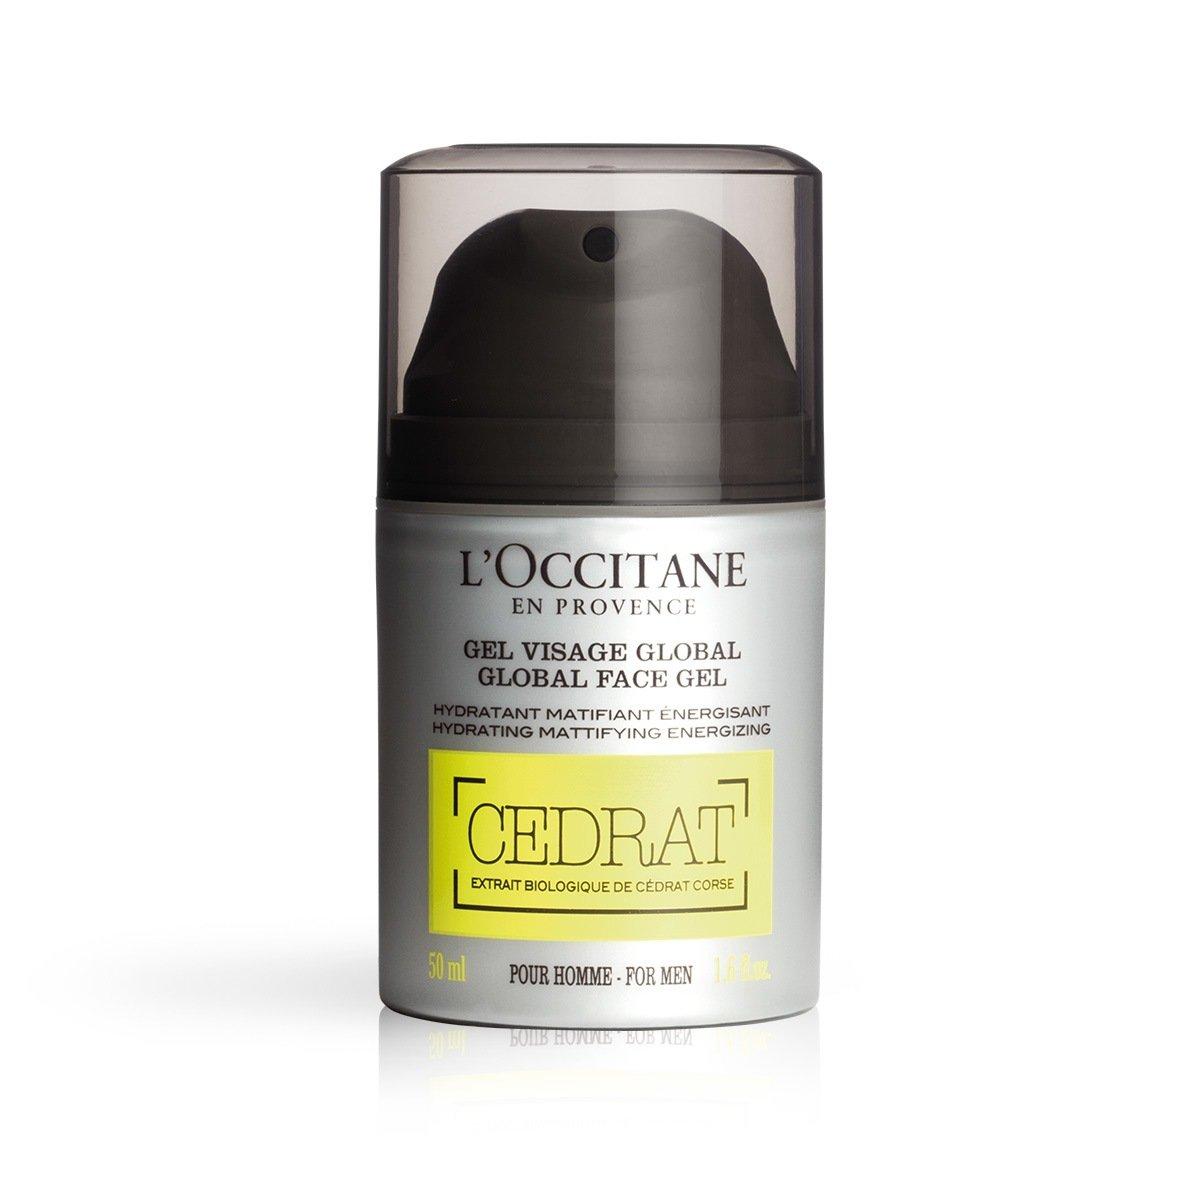 L'OCCITANE - Gel de Rostro Global Cédrat - 50 ml L' OCCITANE C-LO-126-50